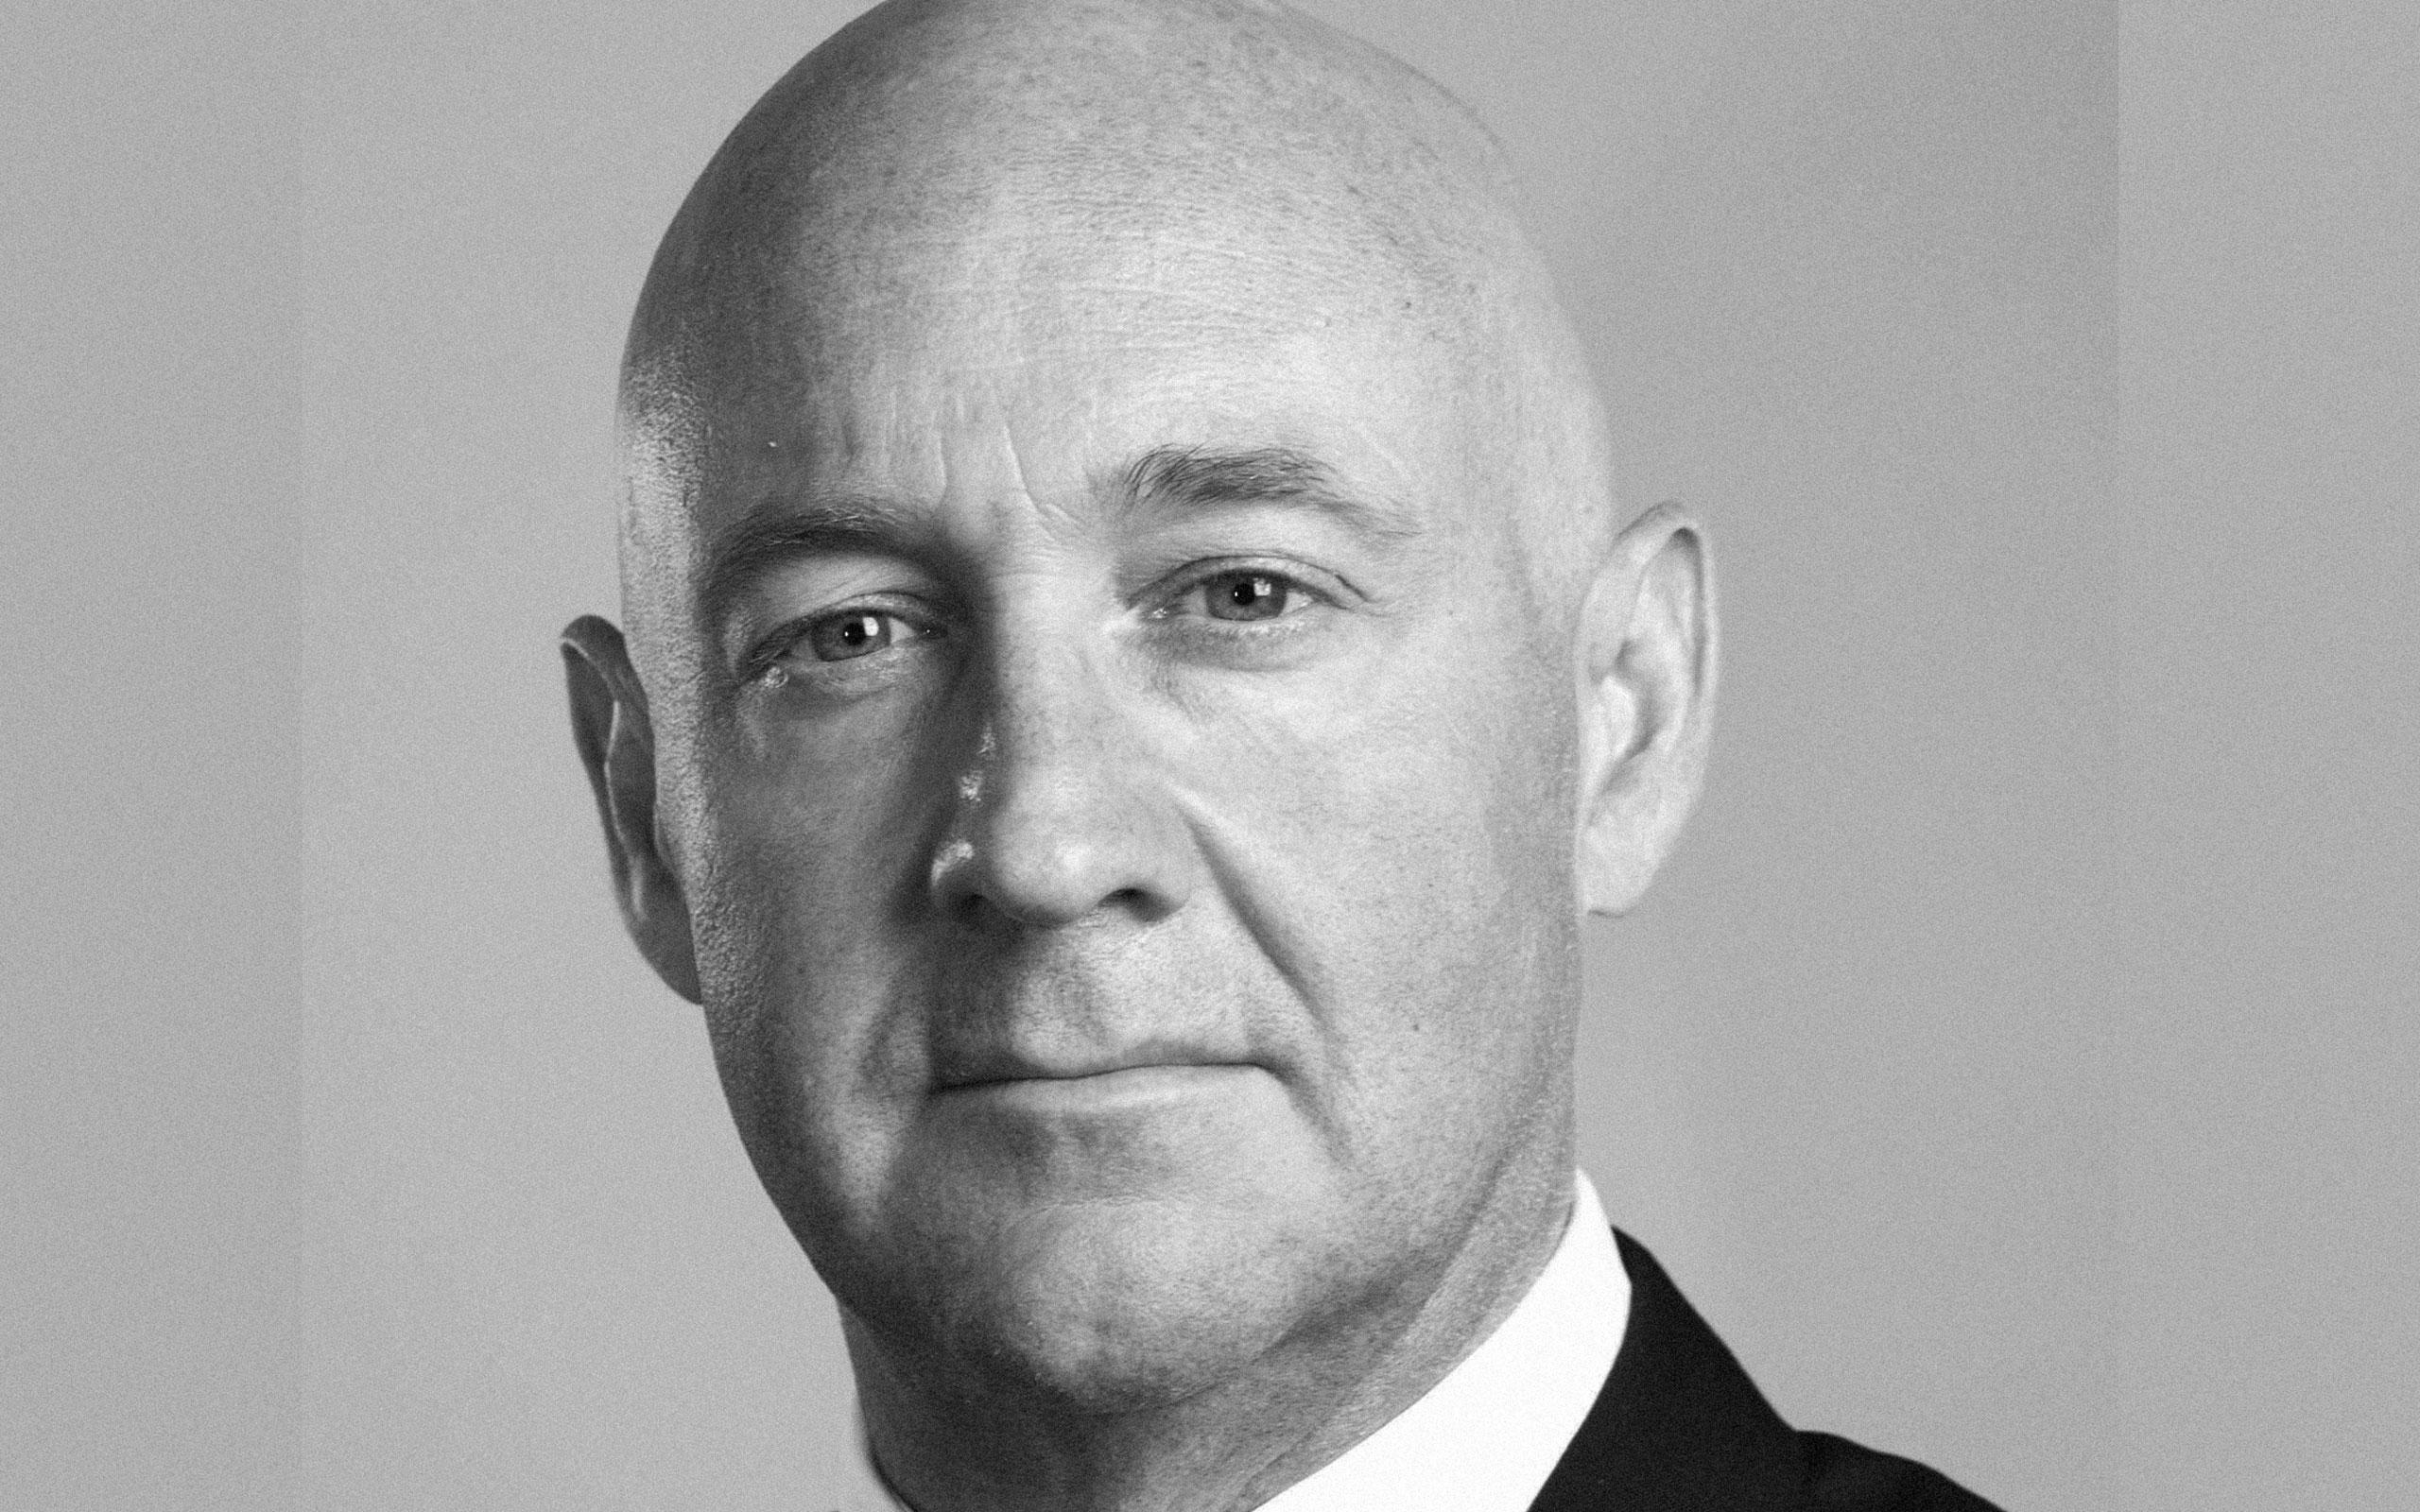 The Woolmark Company (ザ・ウールマーク・カンパニー) 代表 Stuart McCullough (スチュアート・マカラック) インタビュー